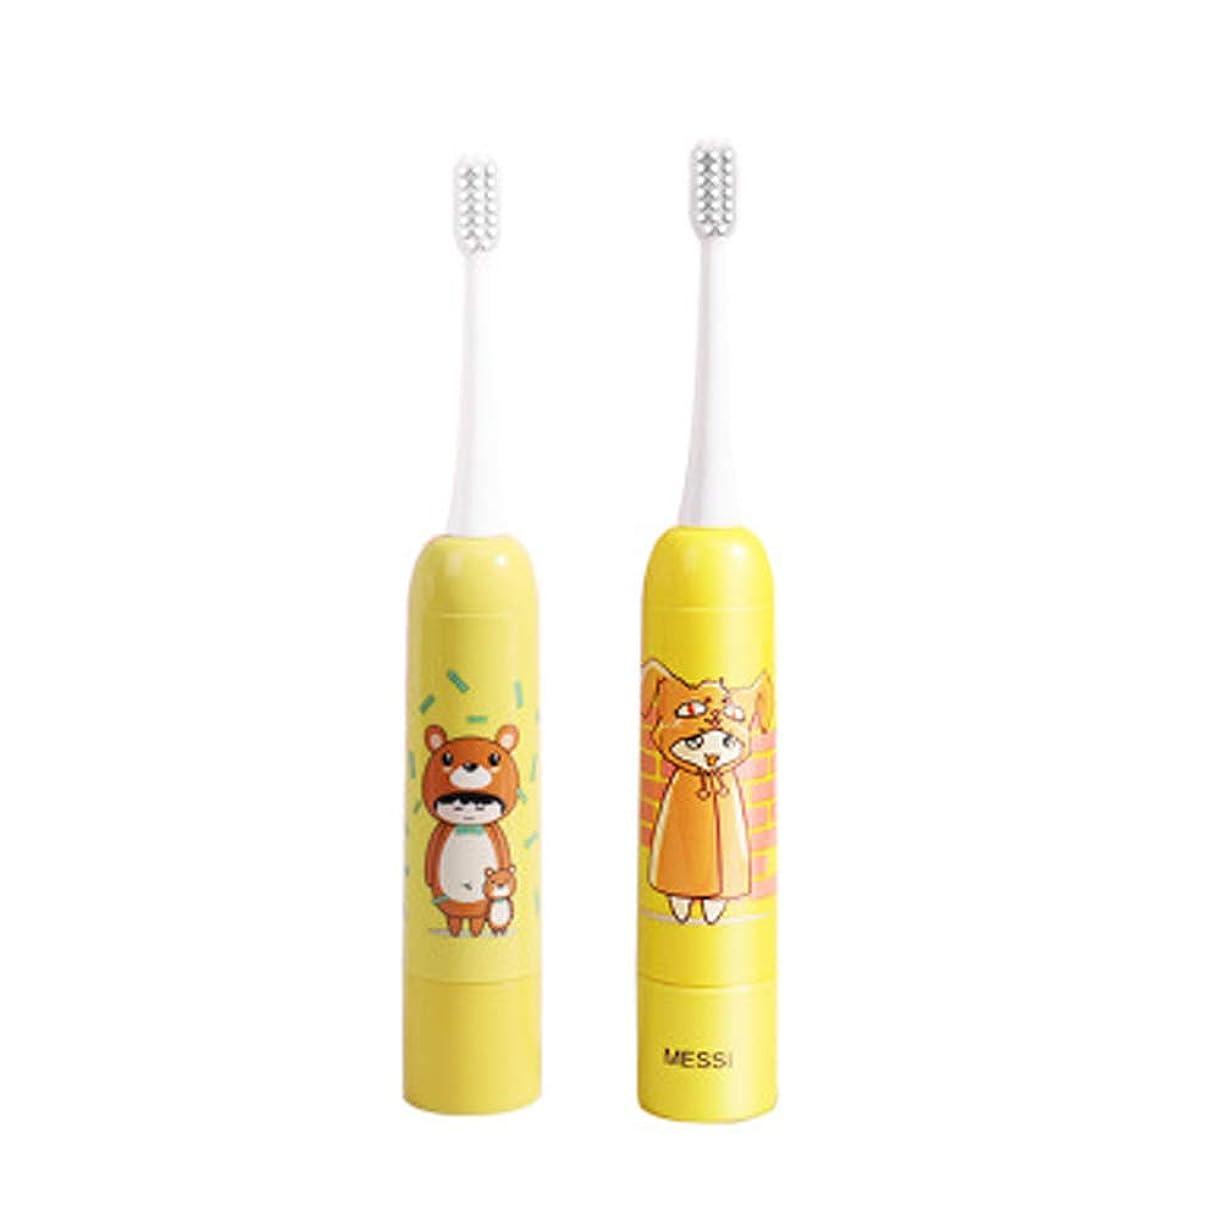 エゴイズムアコード霧深いBobbyecho 電動歯ブラシ 子供 歯ブラシ ハブラシ すみずみクリーンやわらか 防水 音波歯ブラシ ブラシ こども用 ソニック電池 (女の子)